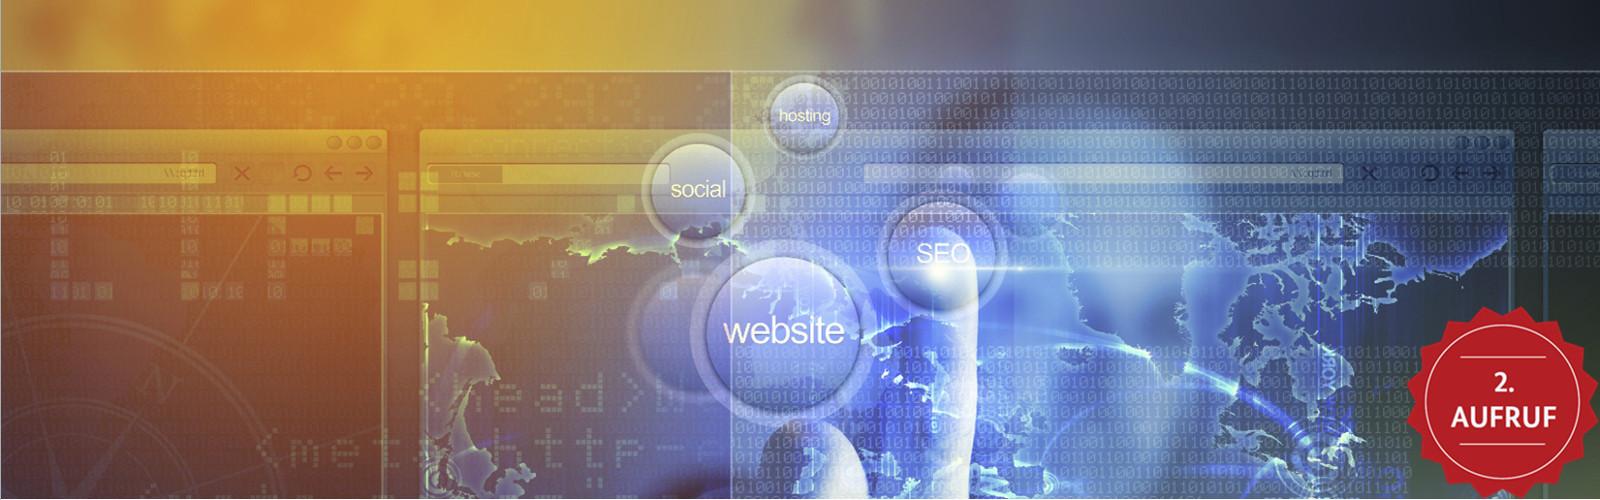 Neue Ideen für den Leitmarkt Informations- und Kommunikationswirtschaft in NRW